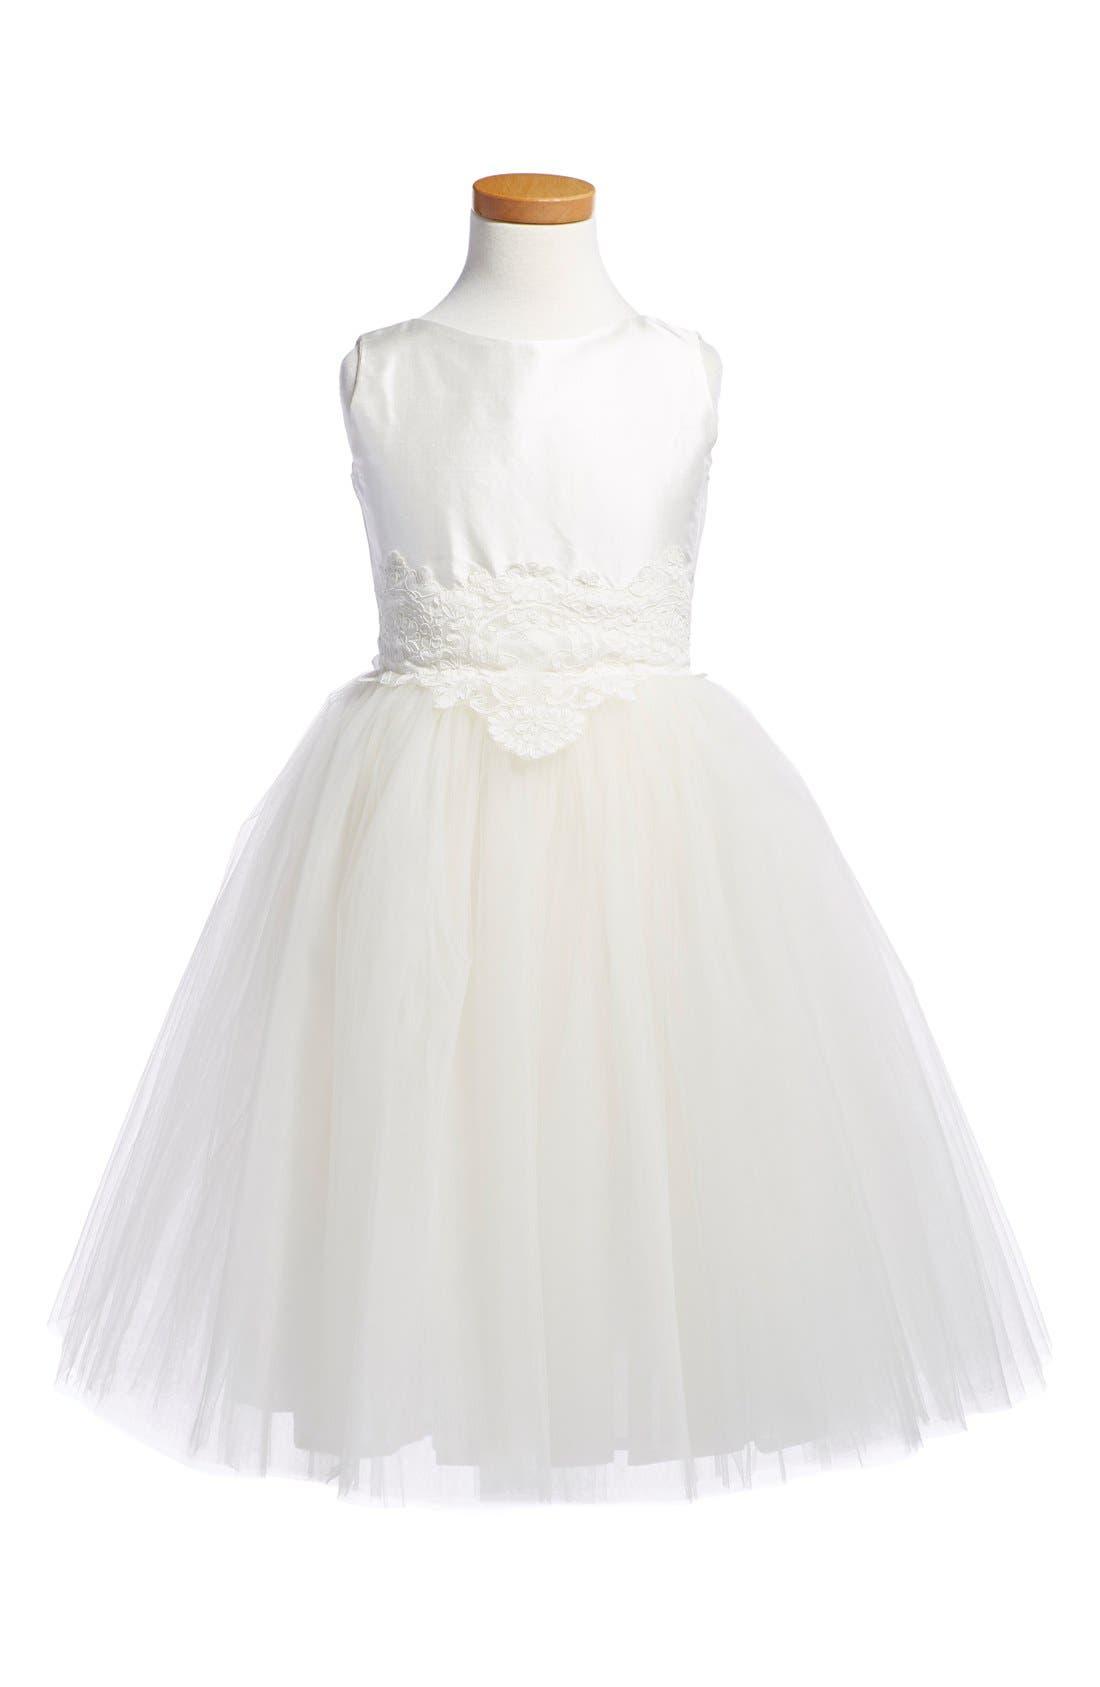 Main Image - Isabel Garreton 'Enchanting' Sleeveless Taffeta Dress (Toddler Girls, Little Girls & Big Girls)